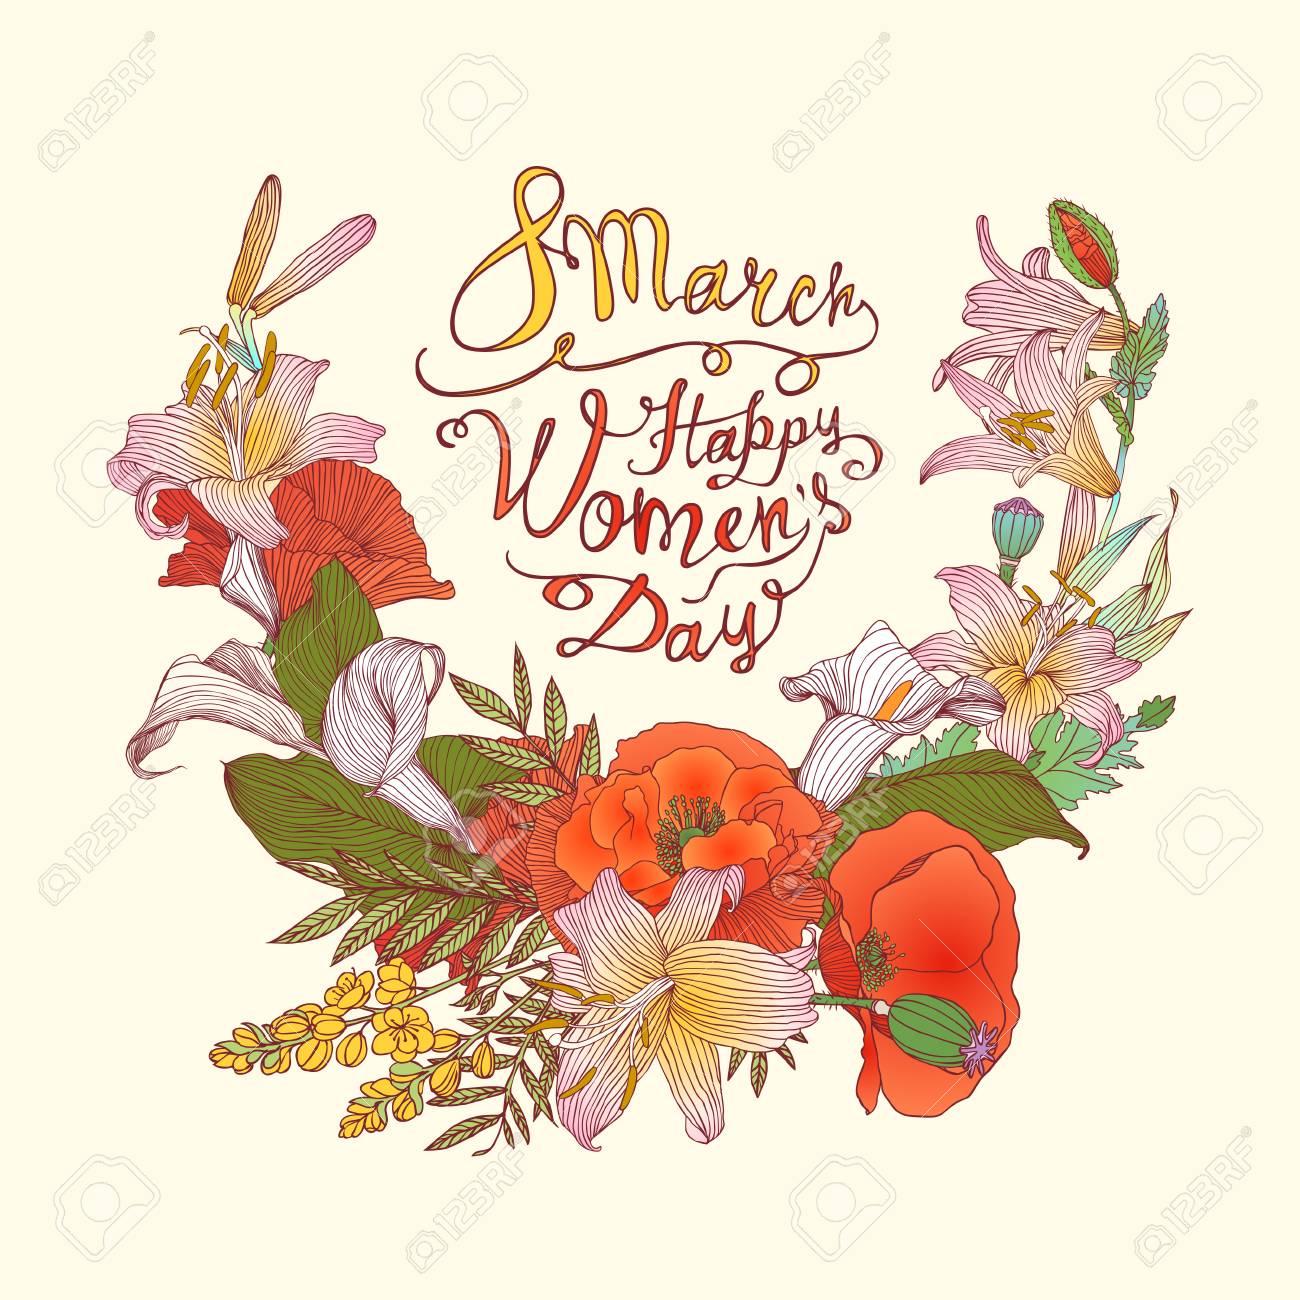 Carte Bonne Fete De La Femme.8 Mars Bonne Fete Femme Vector Congratulation Carte Avec Des Fleurs